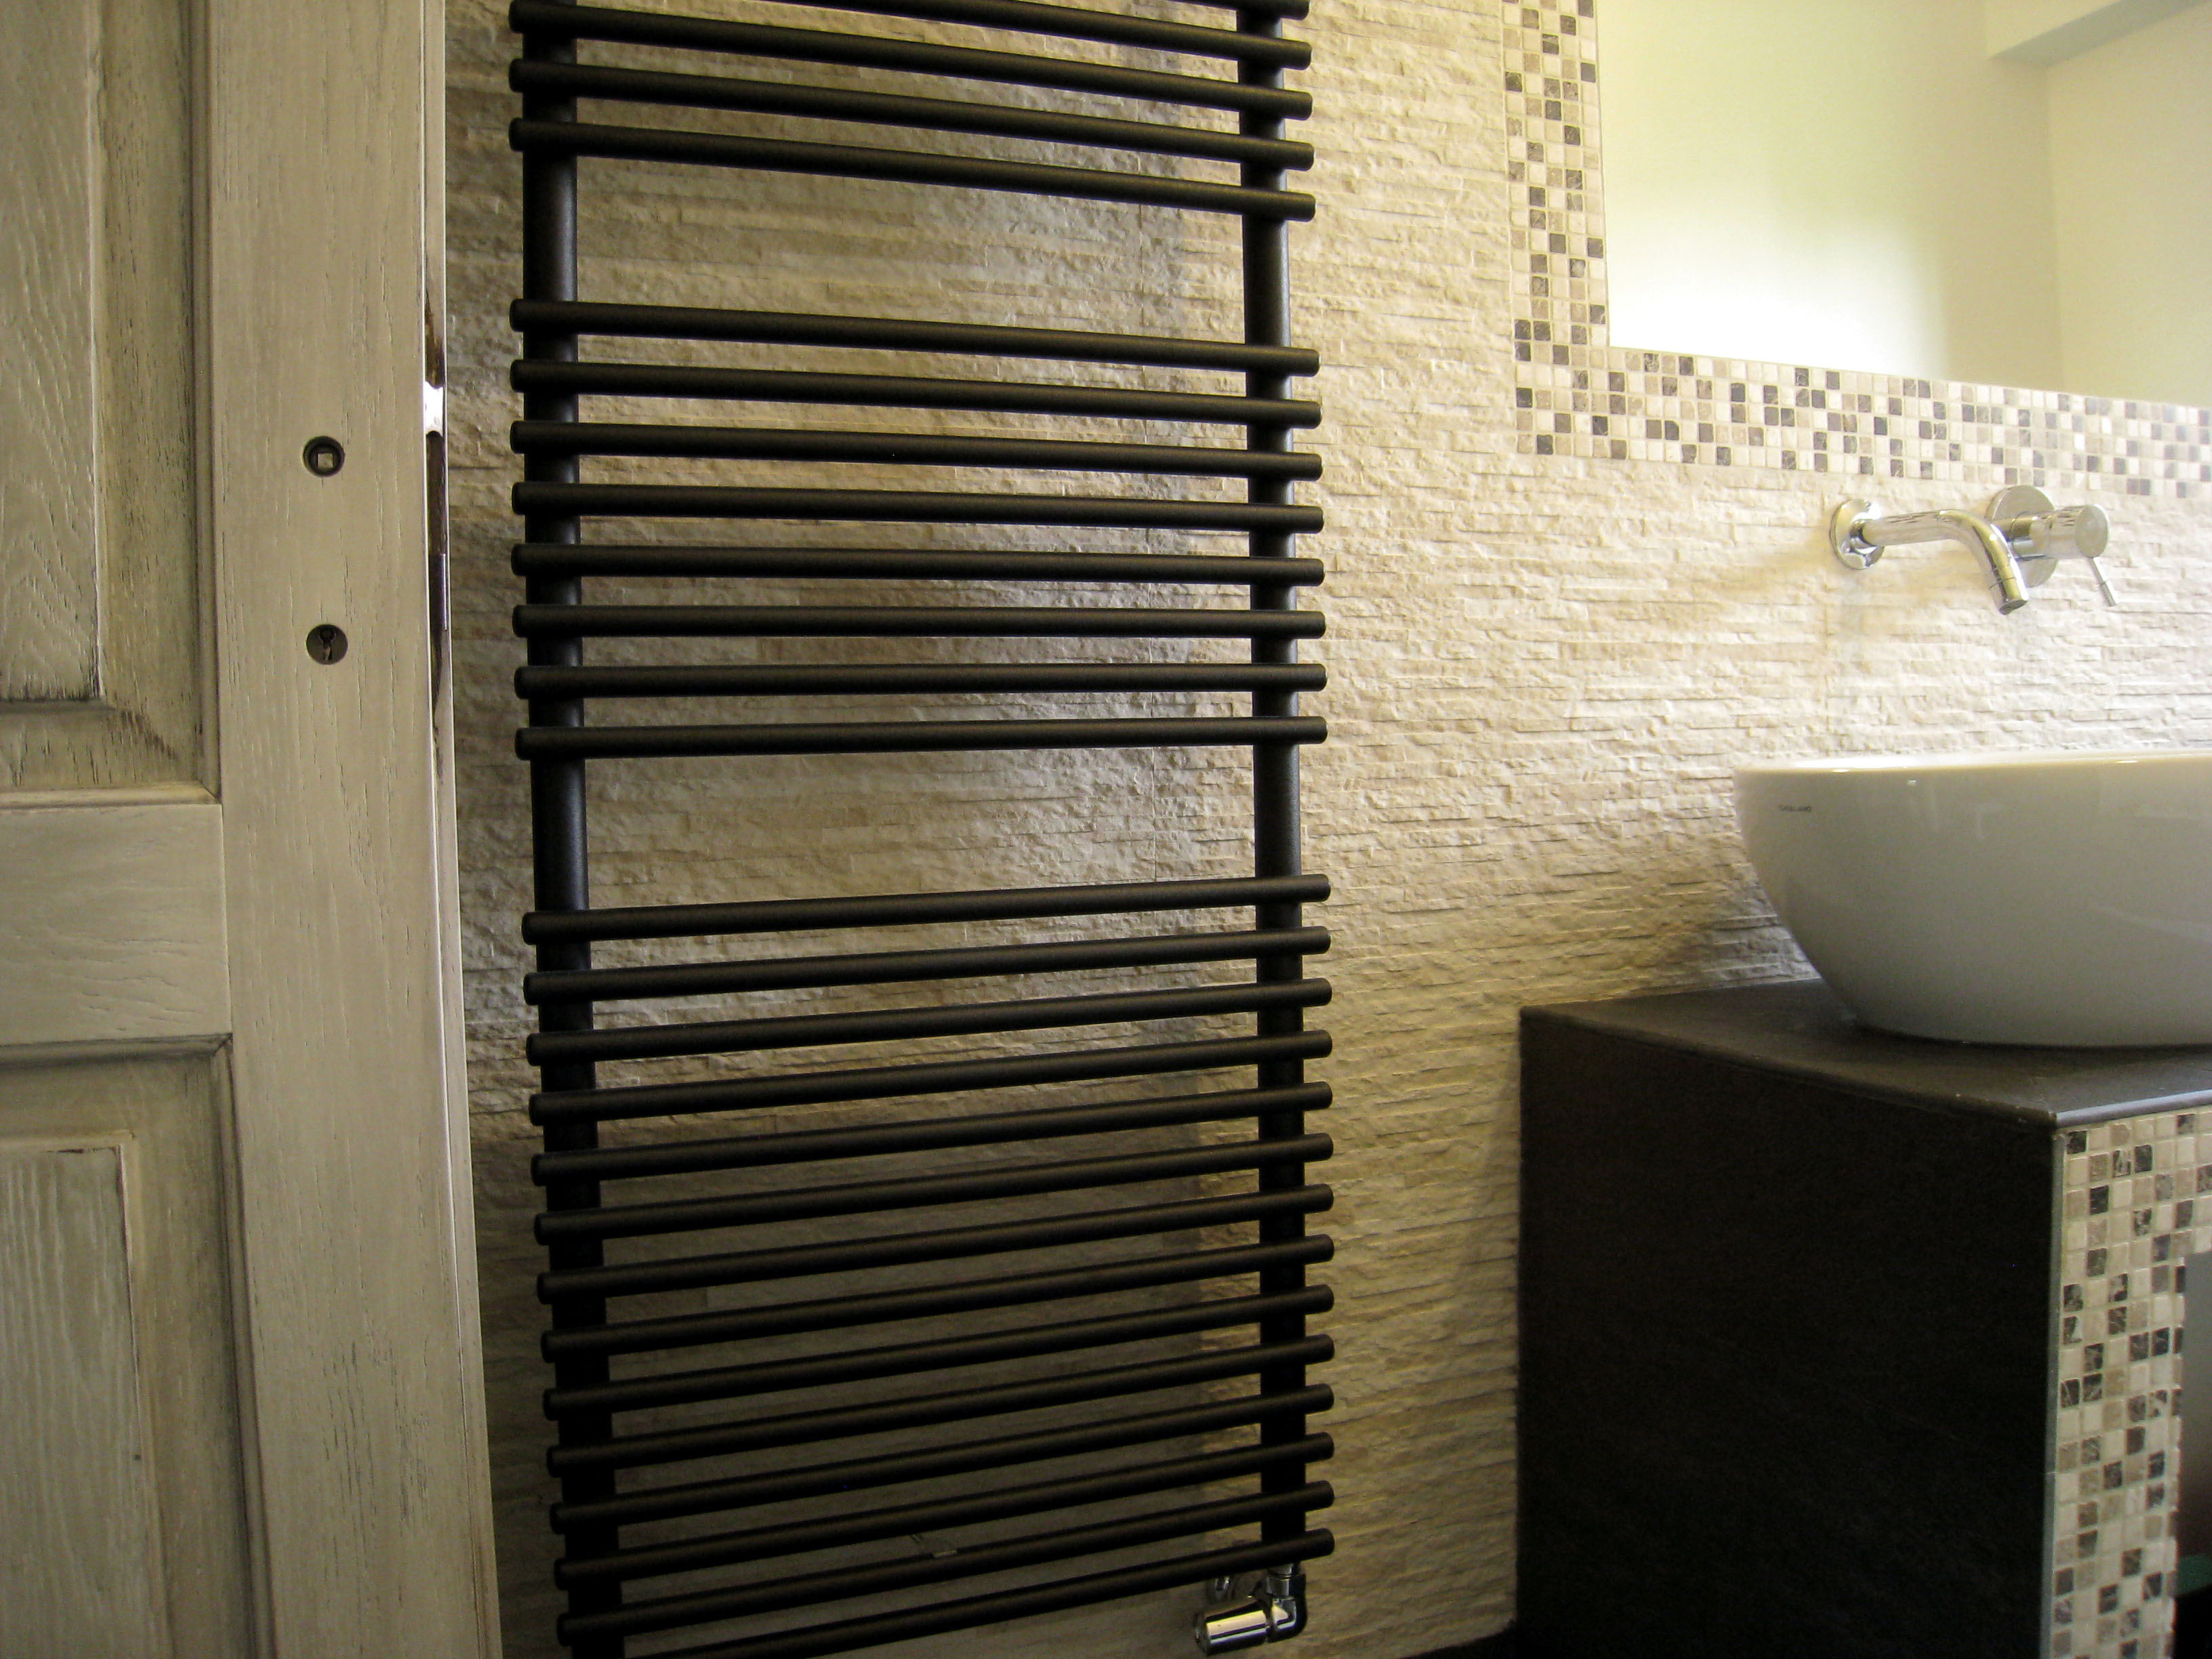 Idee per rifare il bagno progetti di interni - Rifare il bagno di casa ...